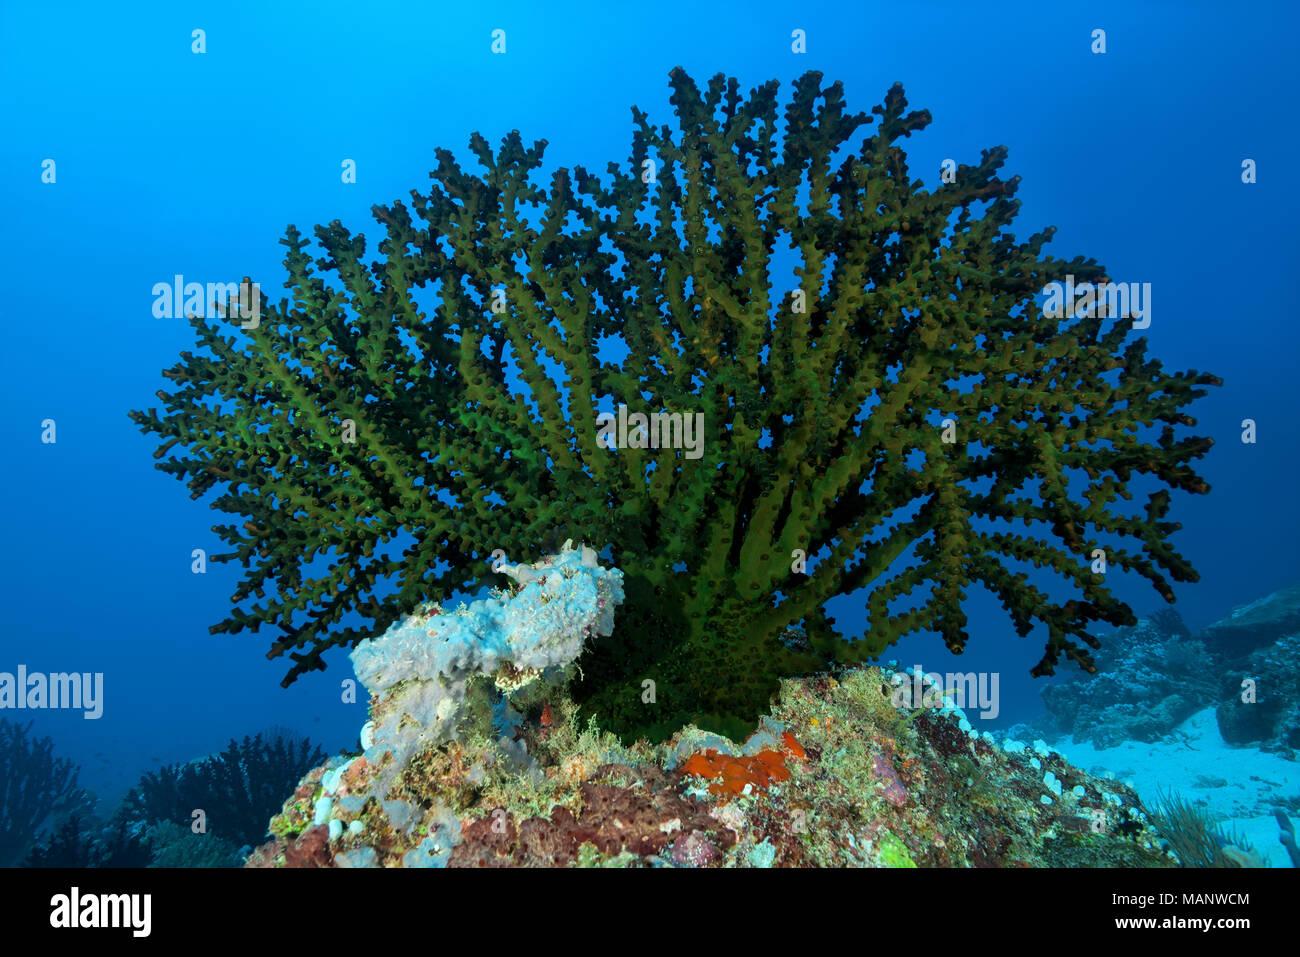 Single Turret Stock Photos & Single Turret Stock Images - Alamy